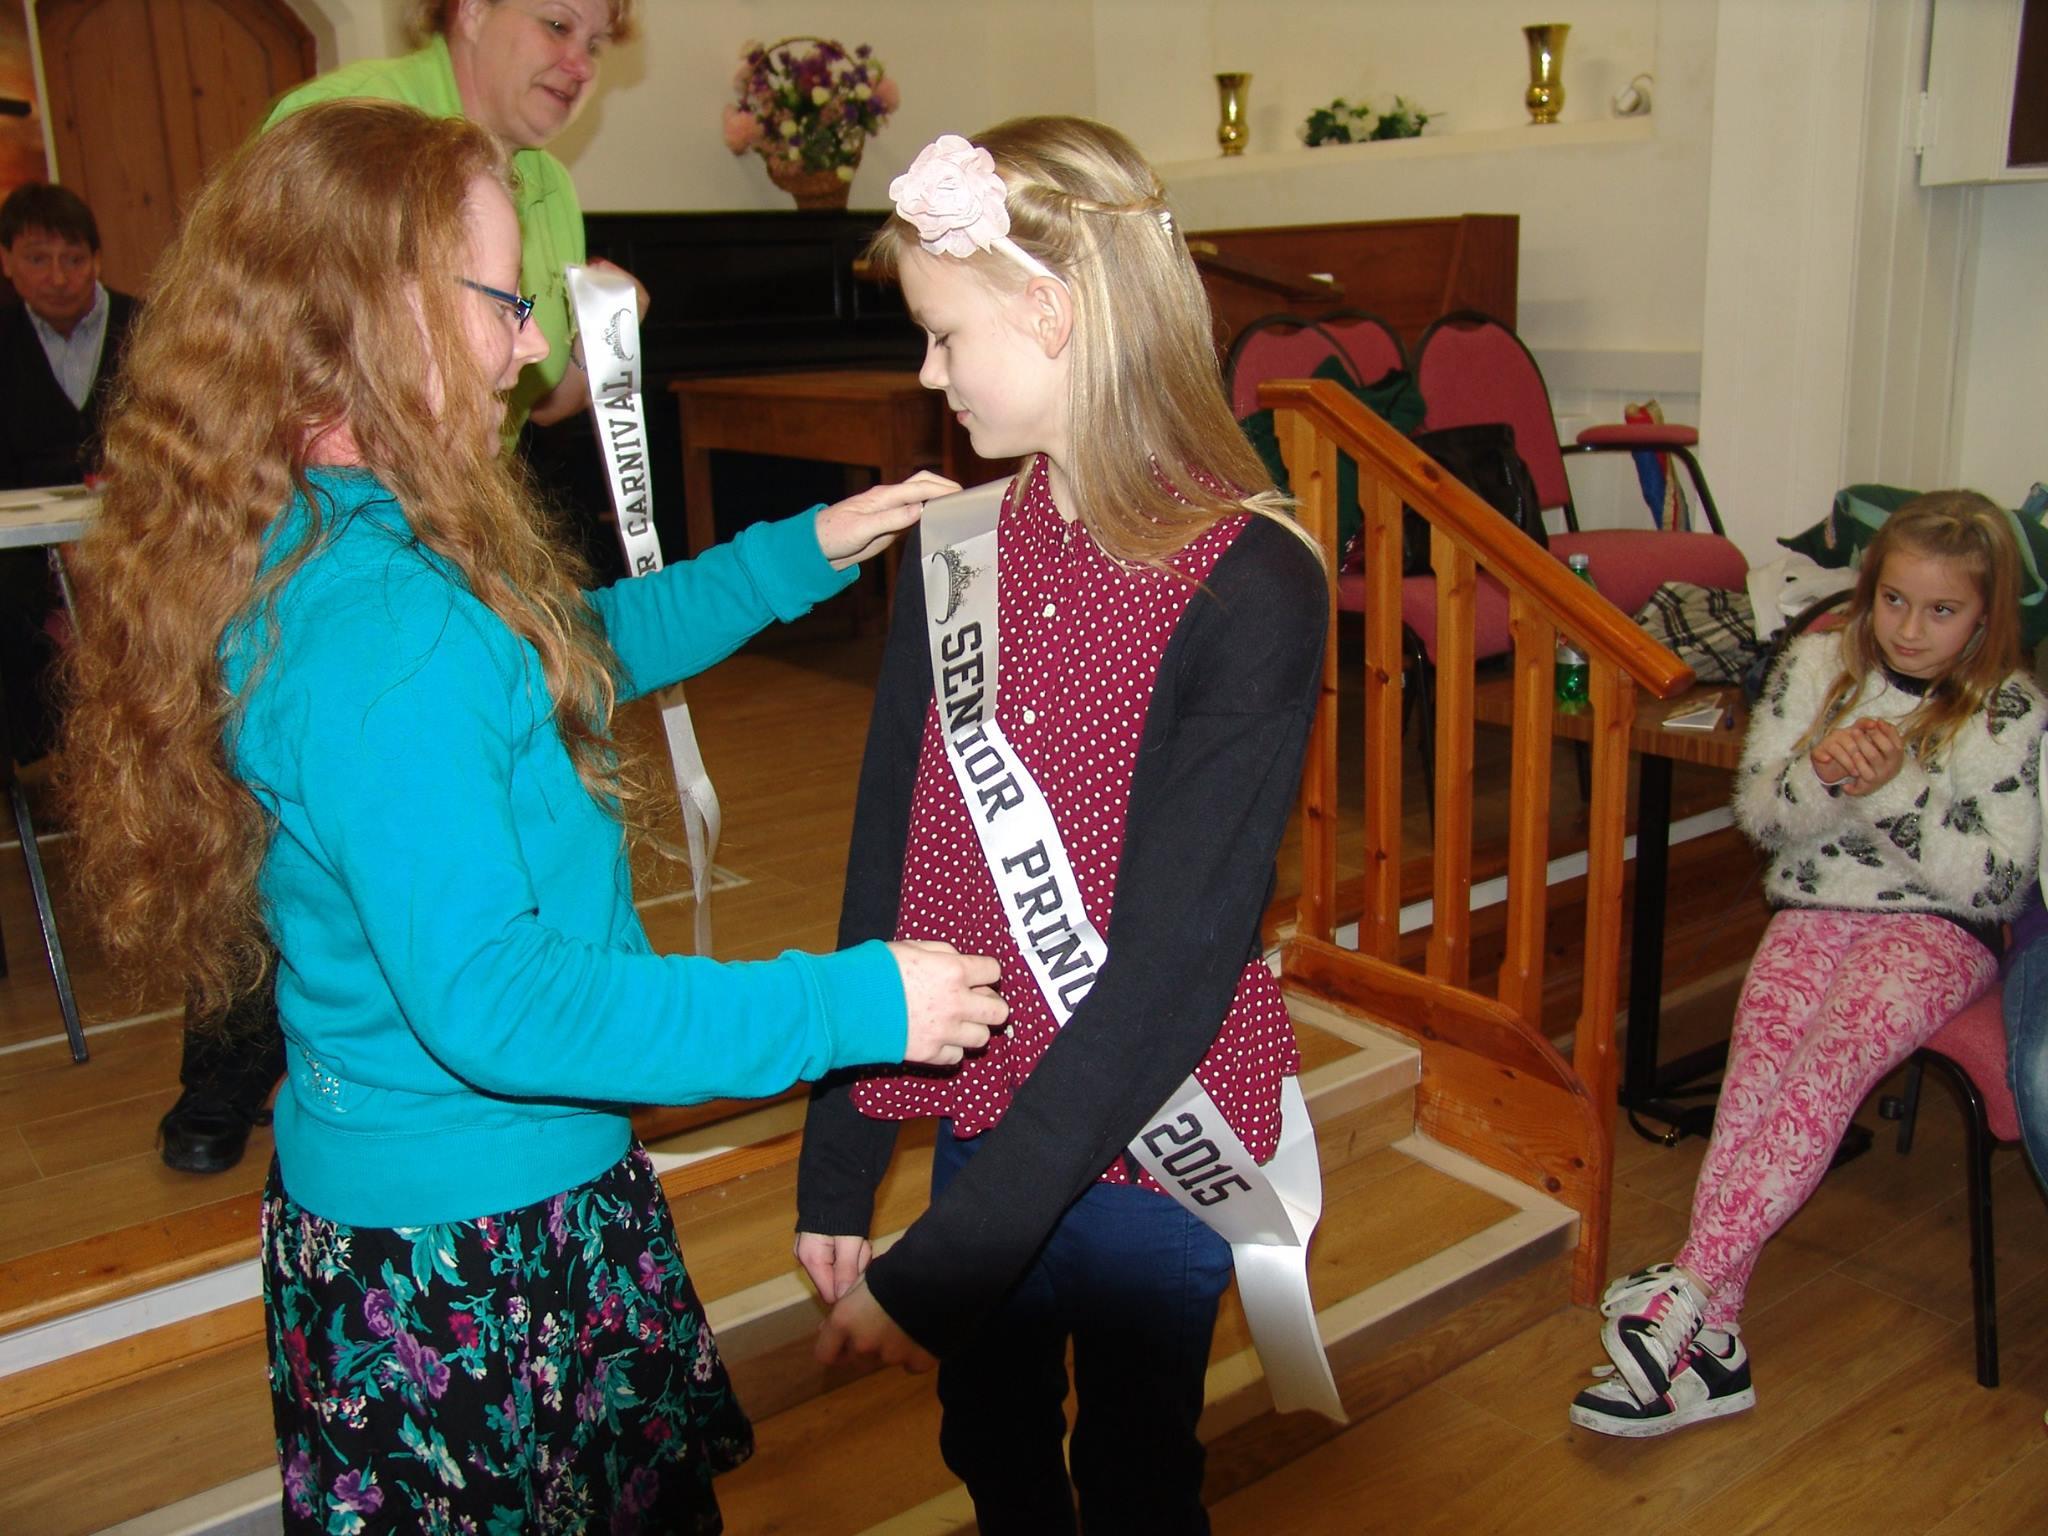 Senior Queen awarding the new princess sash